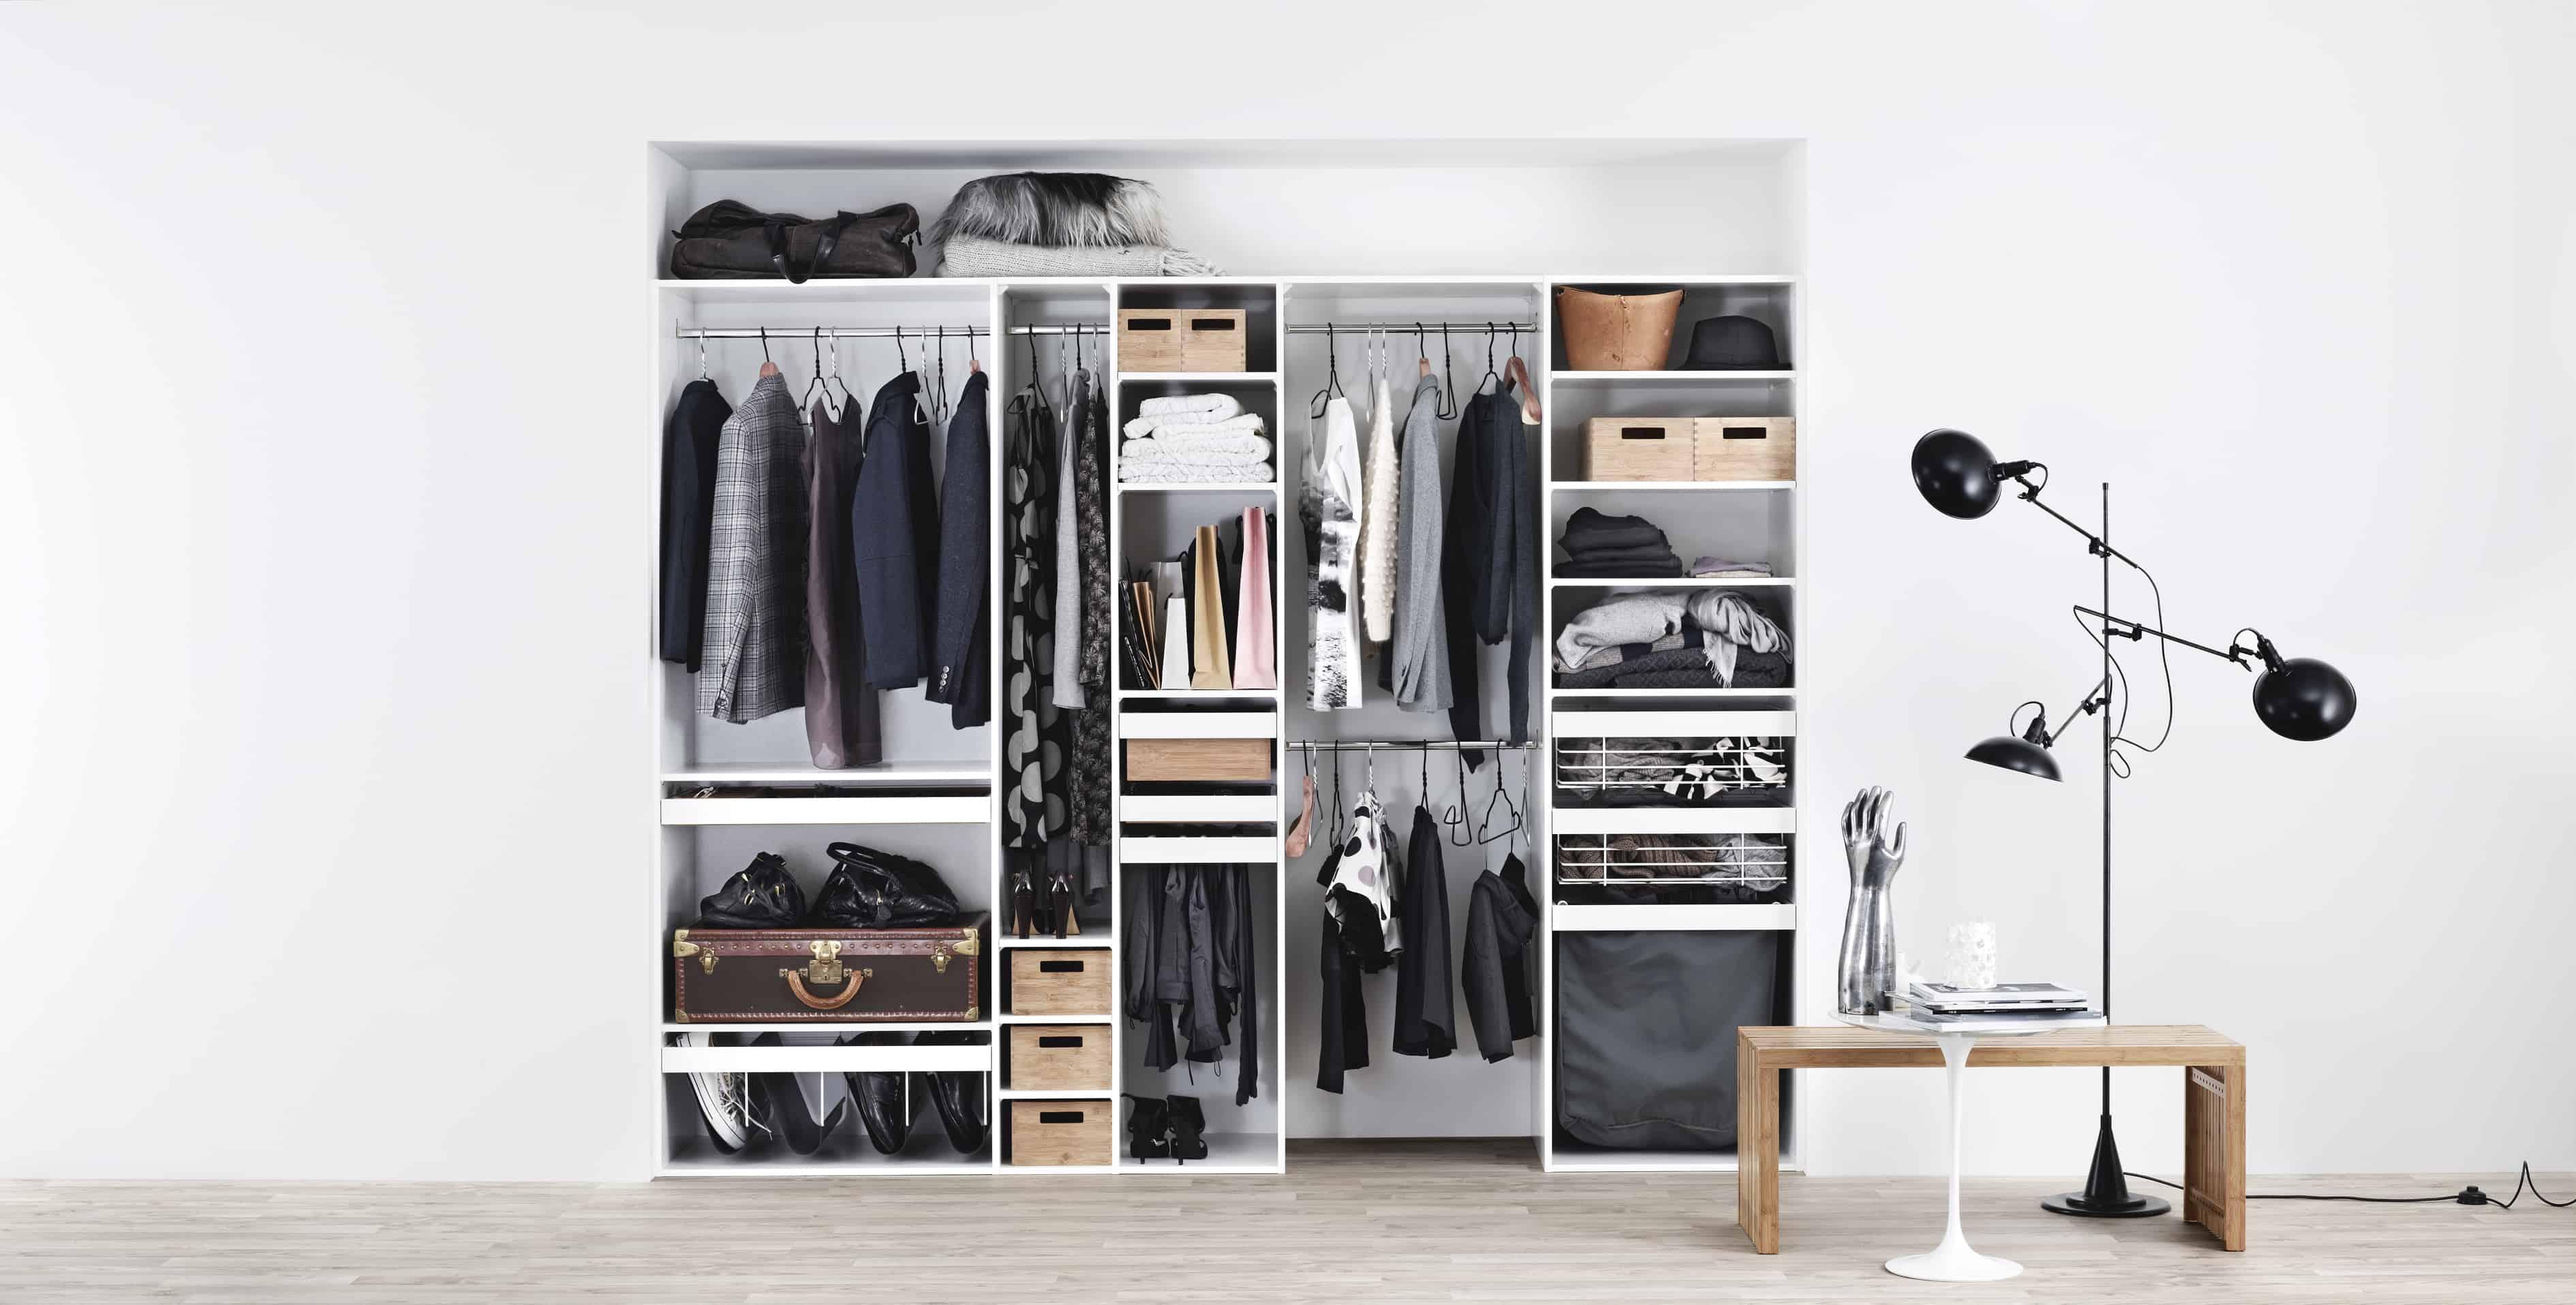 Cabina armadio fai da te idee per ordinare vestiti e scarpe for Fai da te idee per la casa